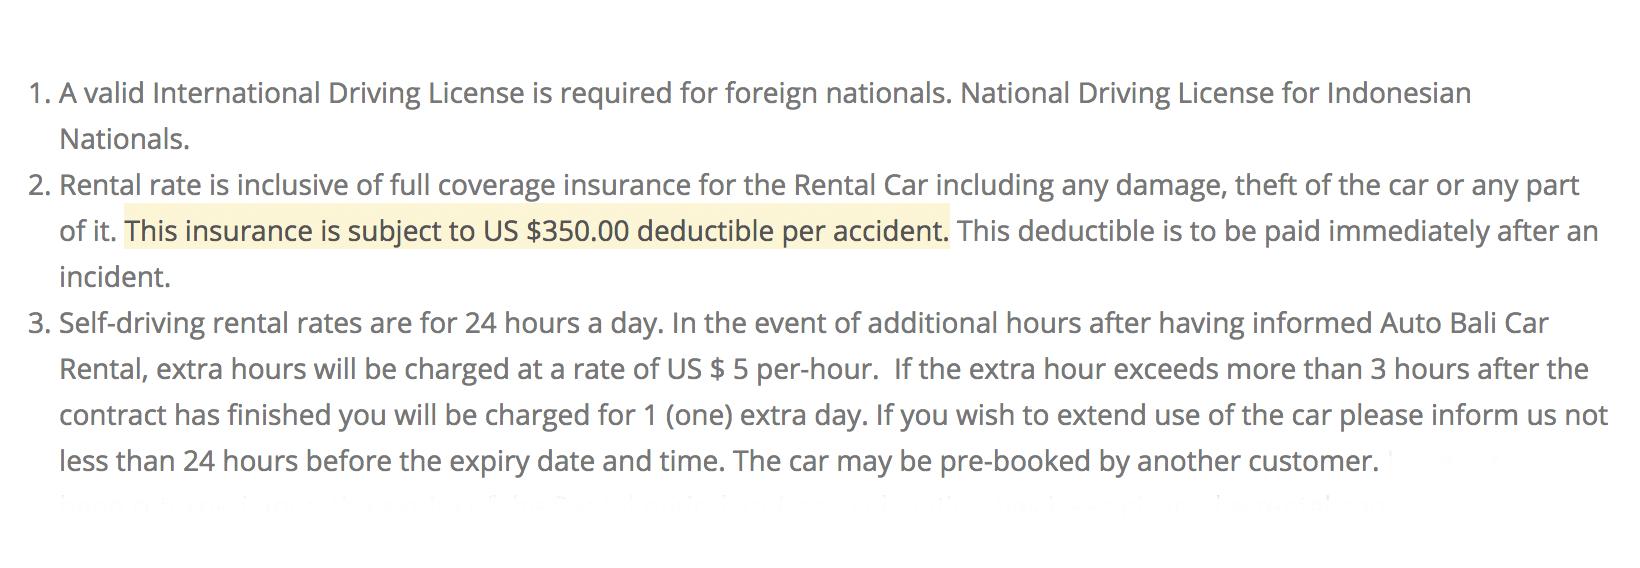 Машина застрахована, но в случае аварии требуют заплатить 350$ (23 000 р.)